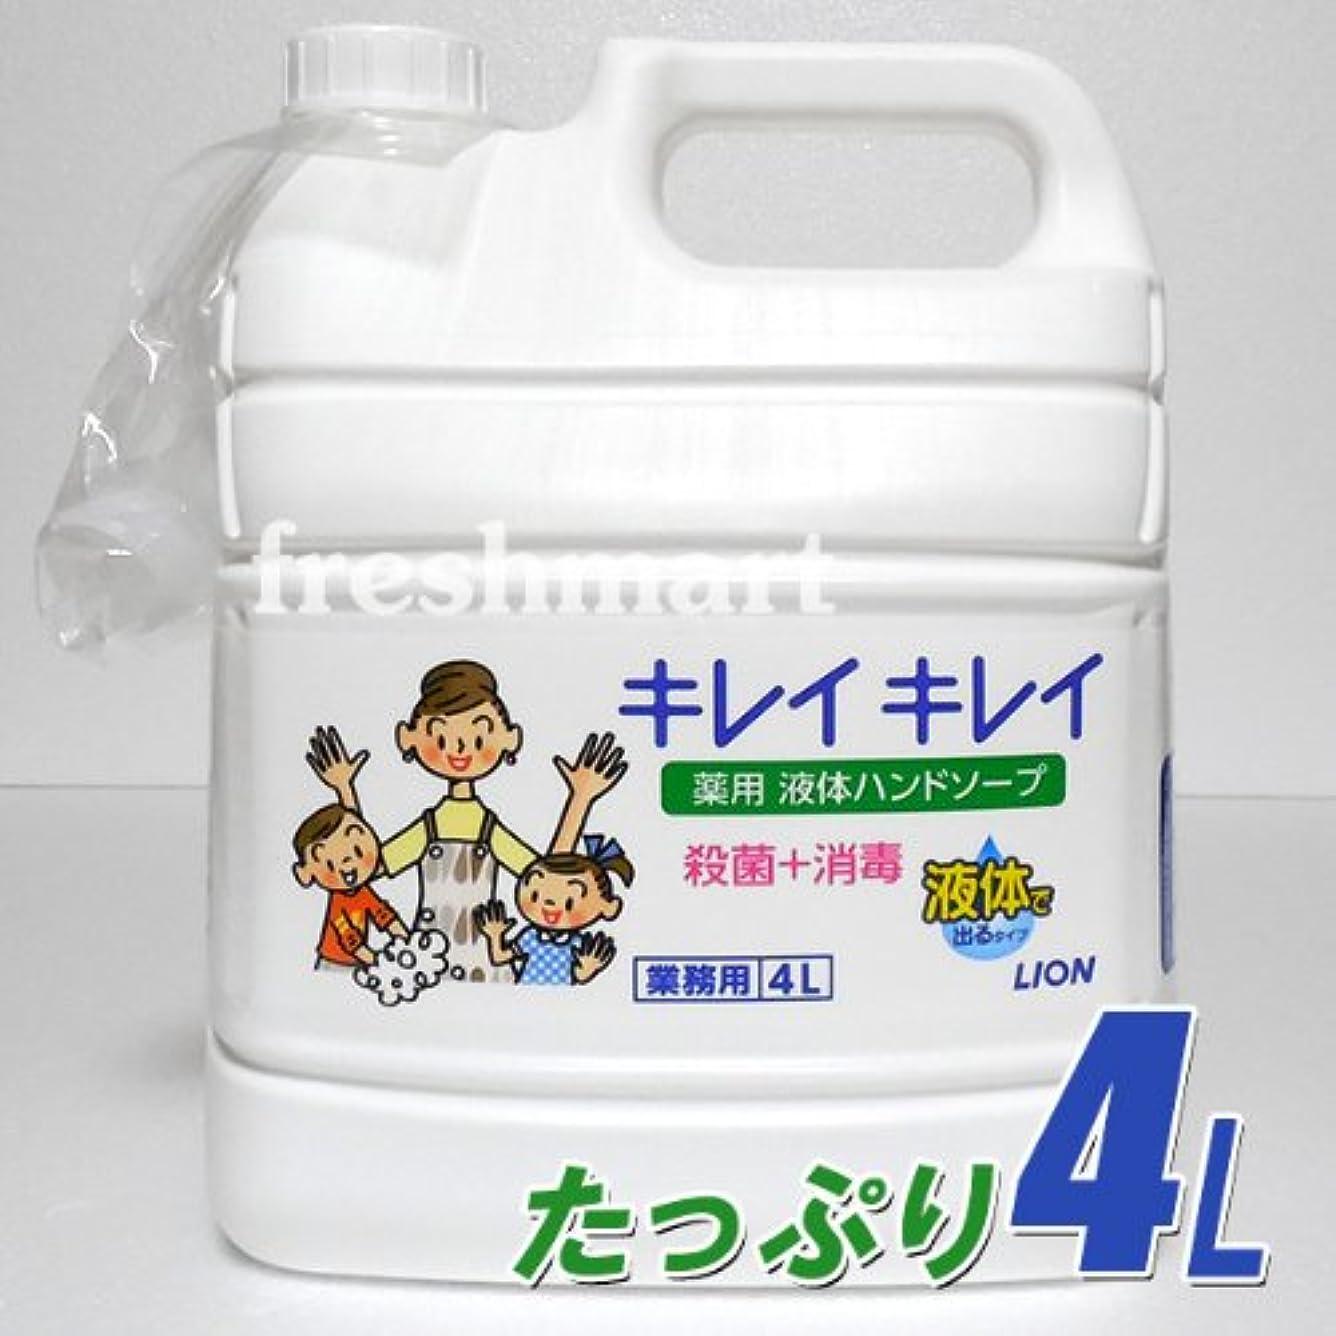 逆説痛いヒープ☆100%植物性洗浄成分使用☆ ライオン キレイキレイ 薬用液体ハンドソープ つめかえ用4L 業務用 大容量 ボトル